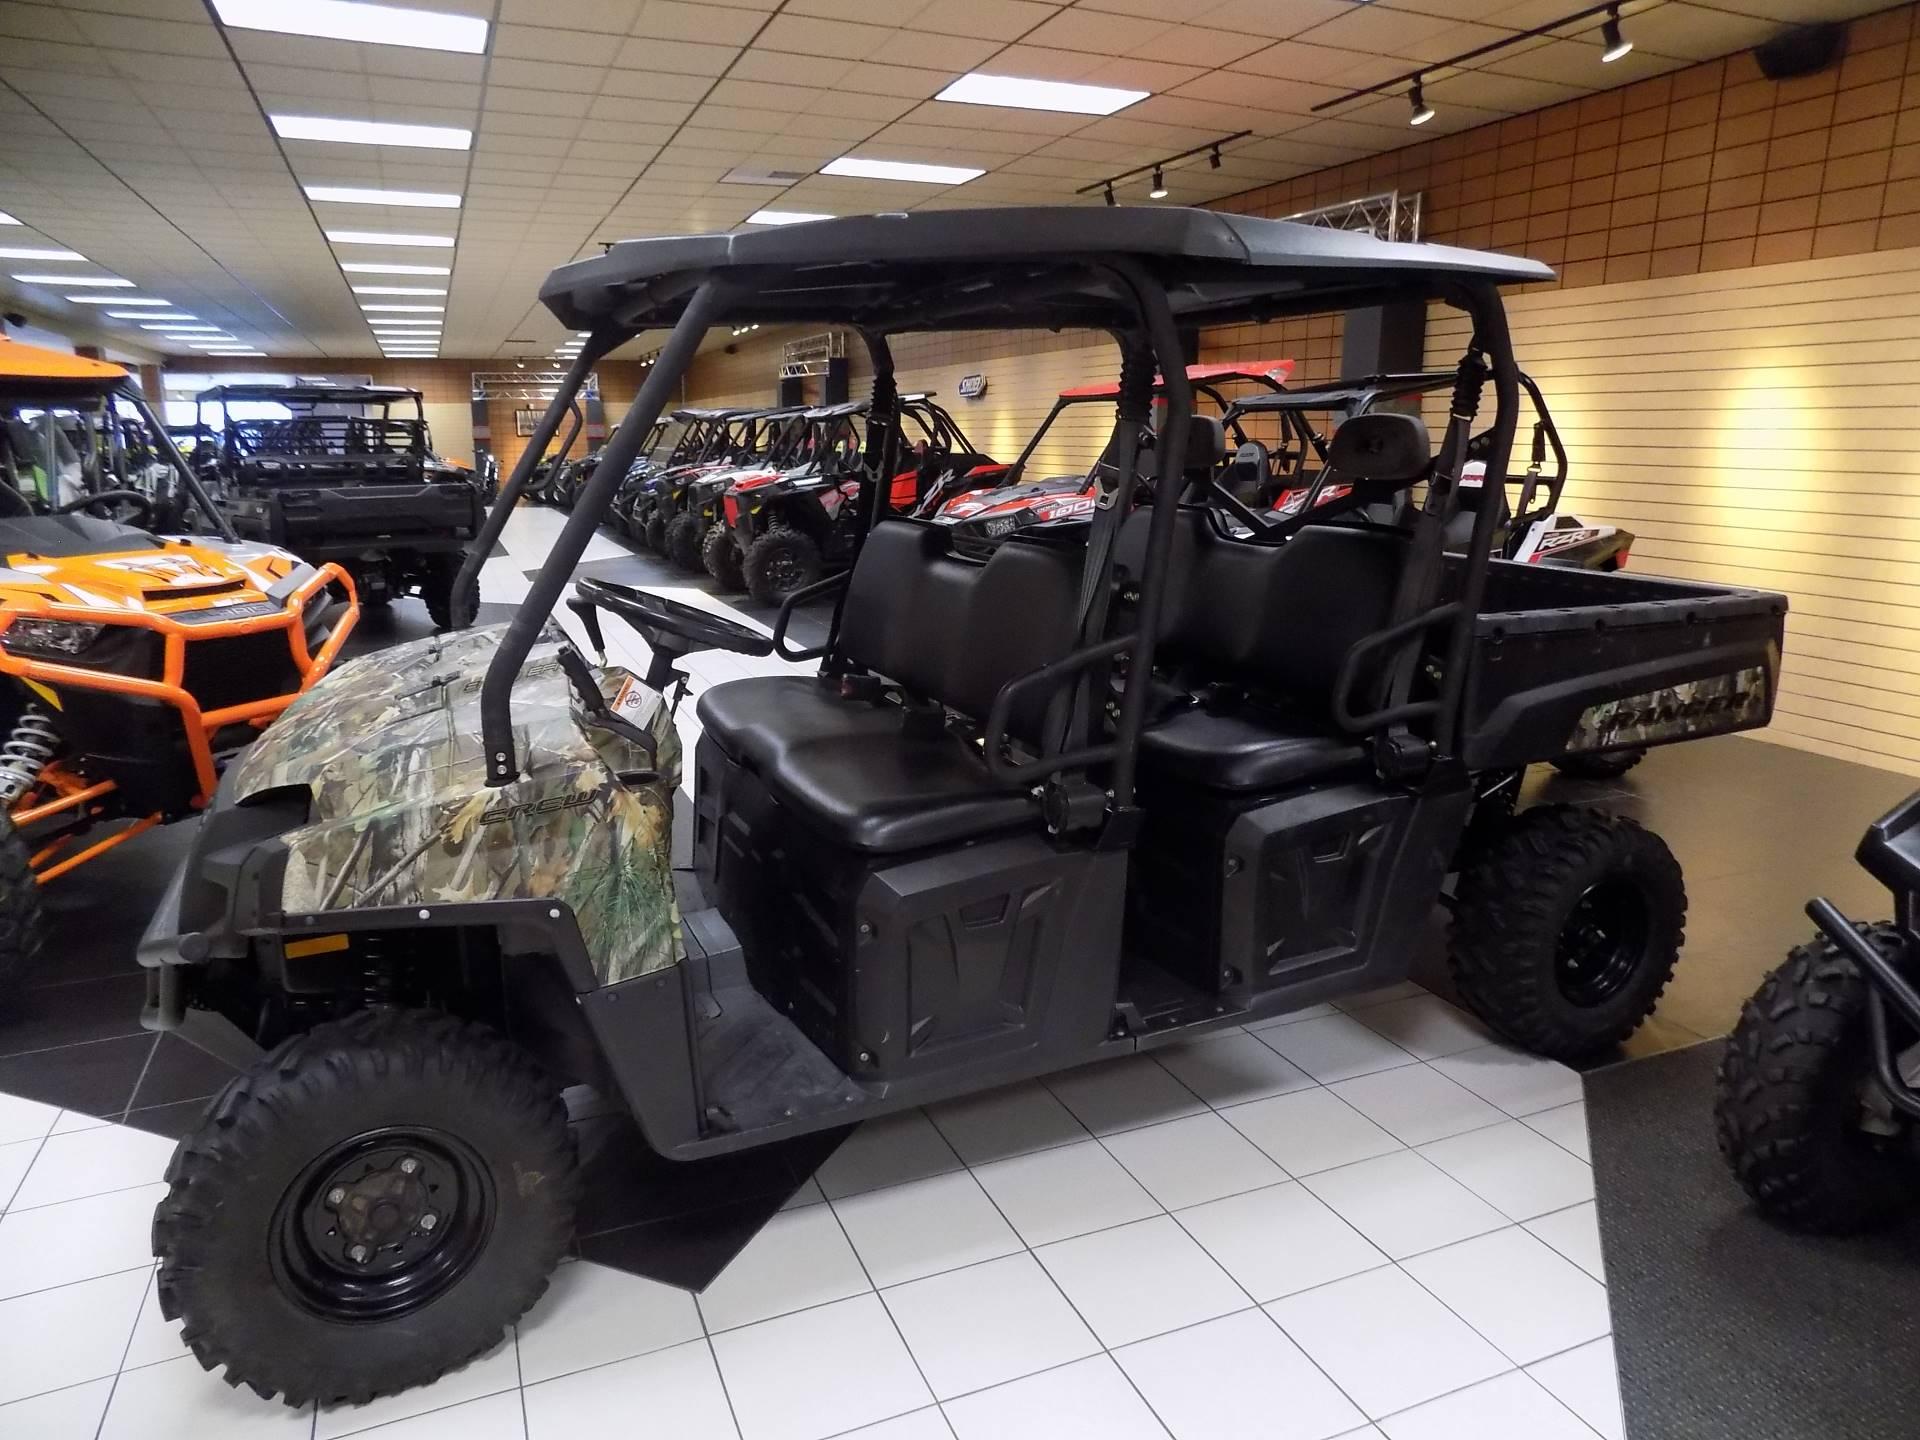 2012 Ranger Crew 800 EPS